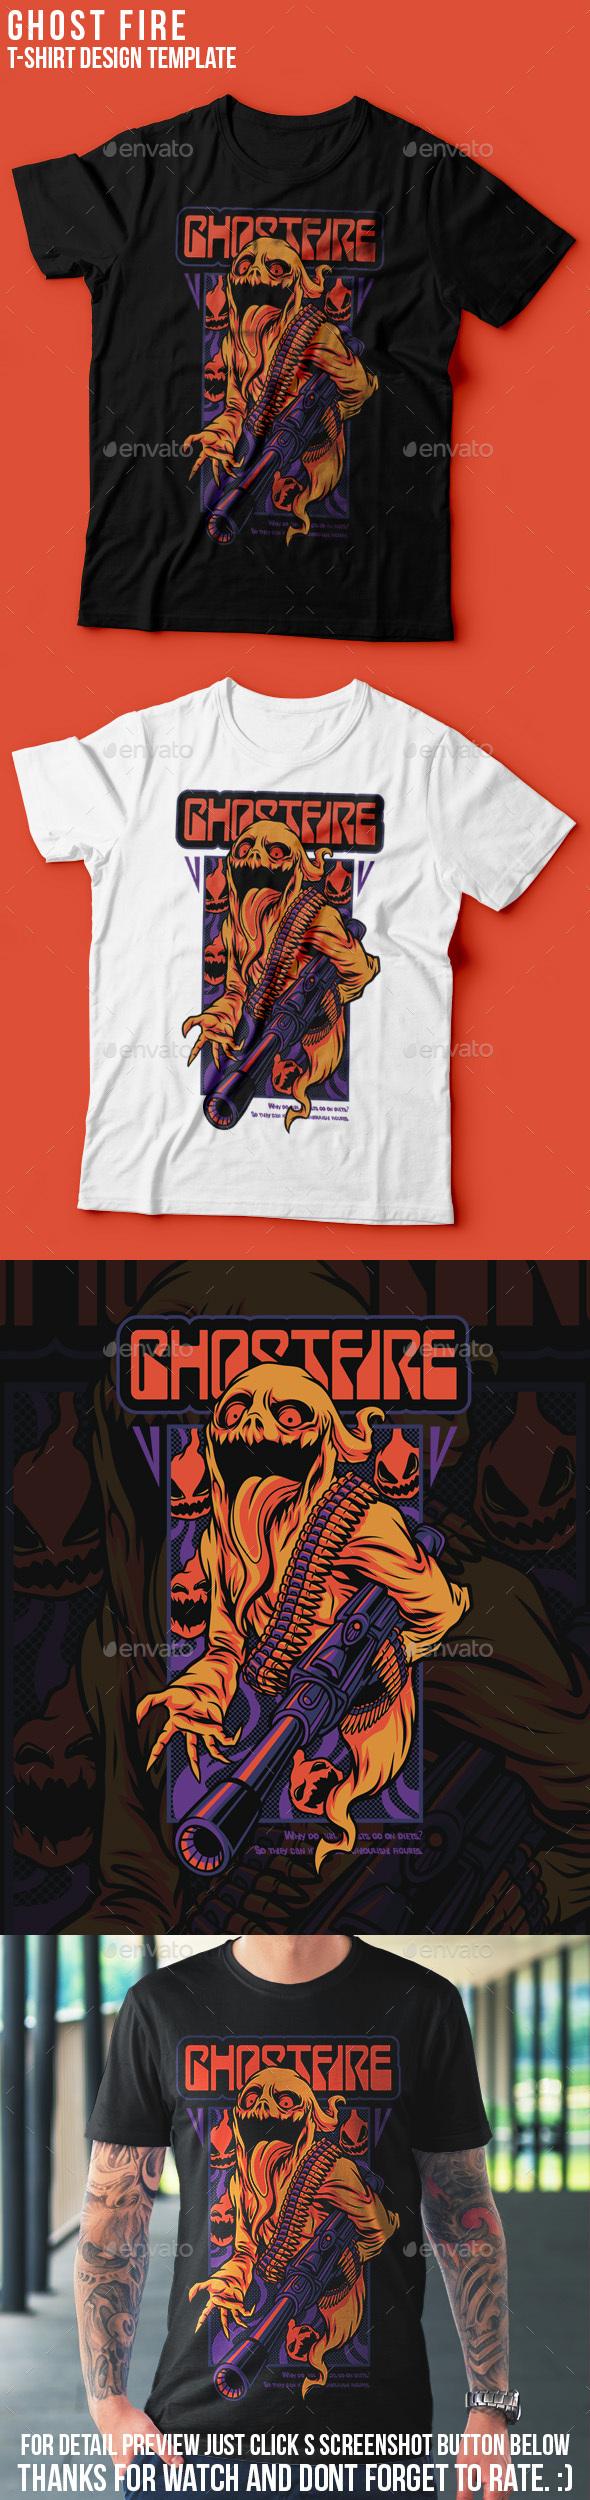 Ghost Fire Halloween T-Shirt Design